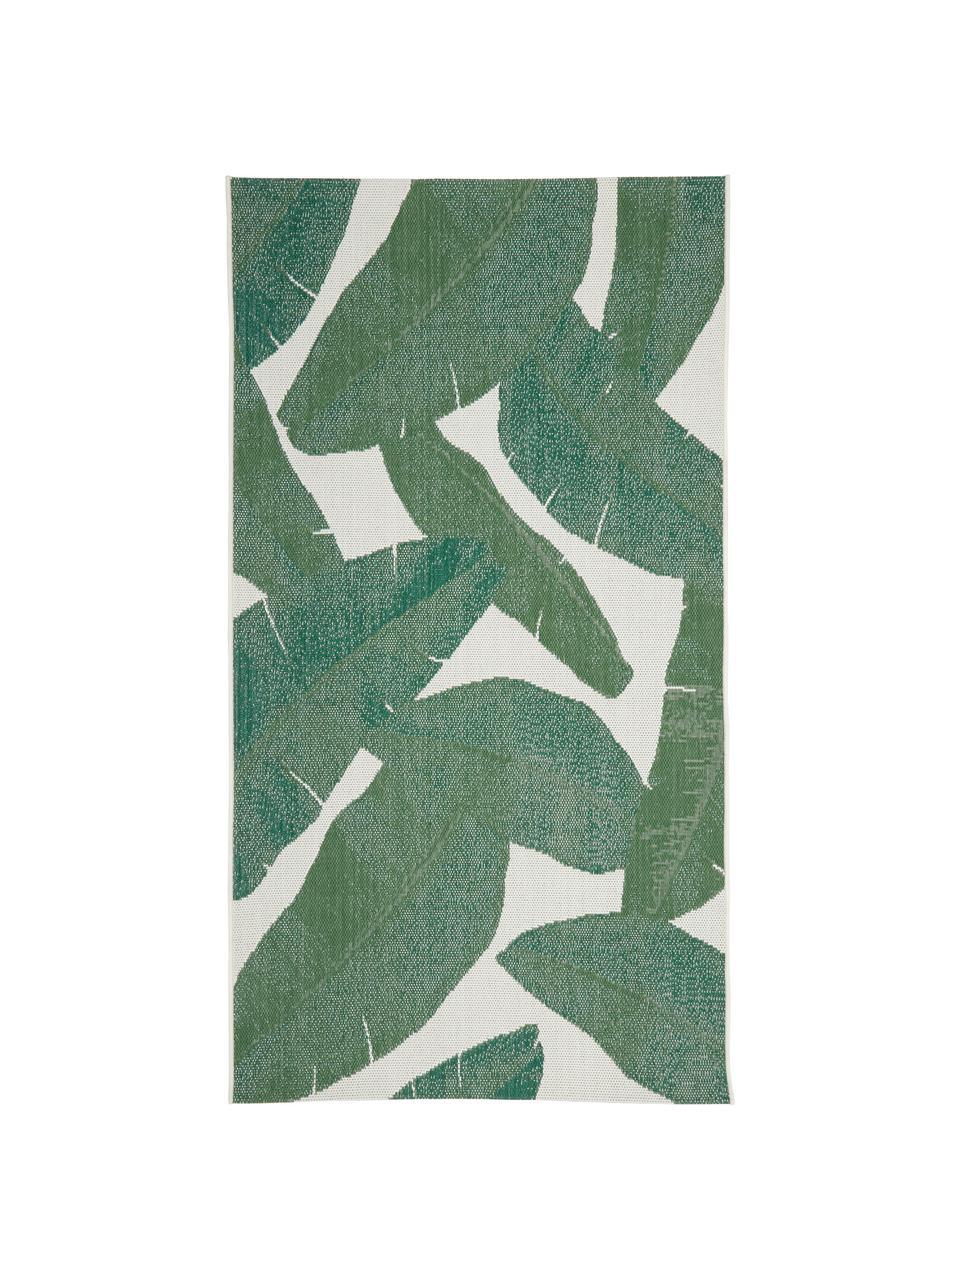 Tappeto da interno-esterno con motivo foglie Jungle, 86% polipropilene, 14% poliestere, Bianco crema, verde, Larg. 200 x Lung. 290 cm  (taglia L)